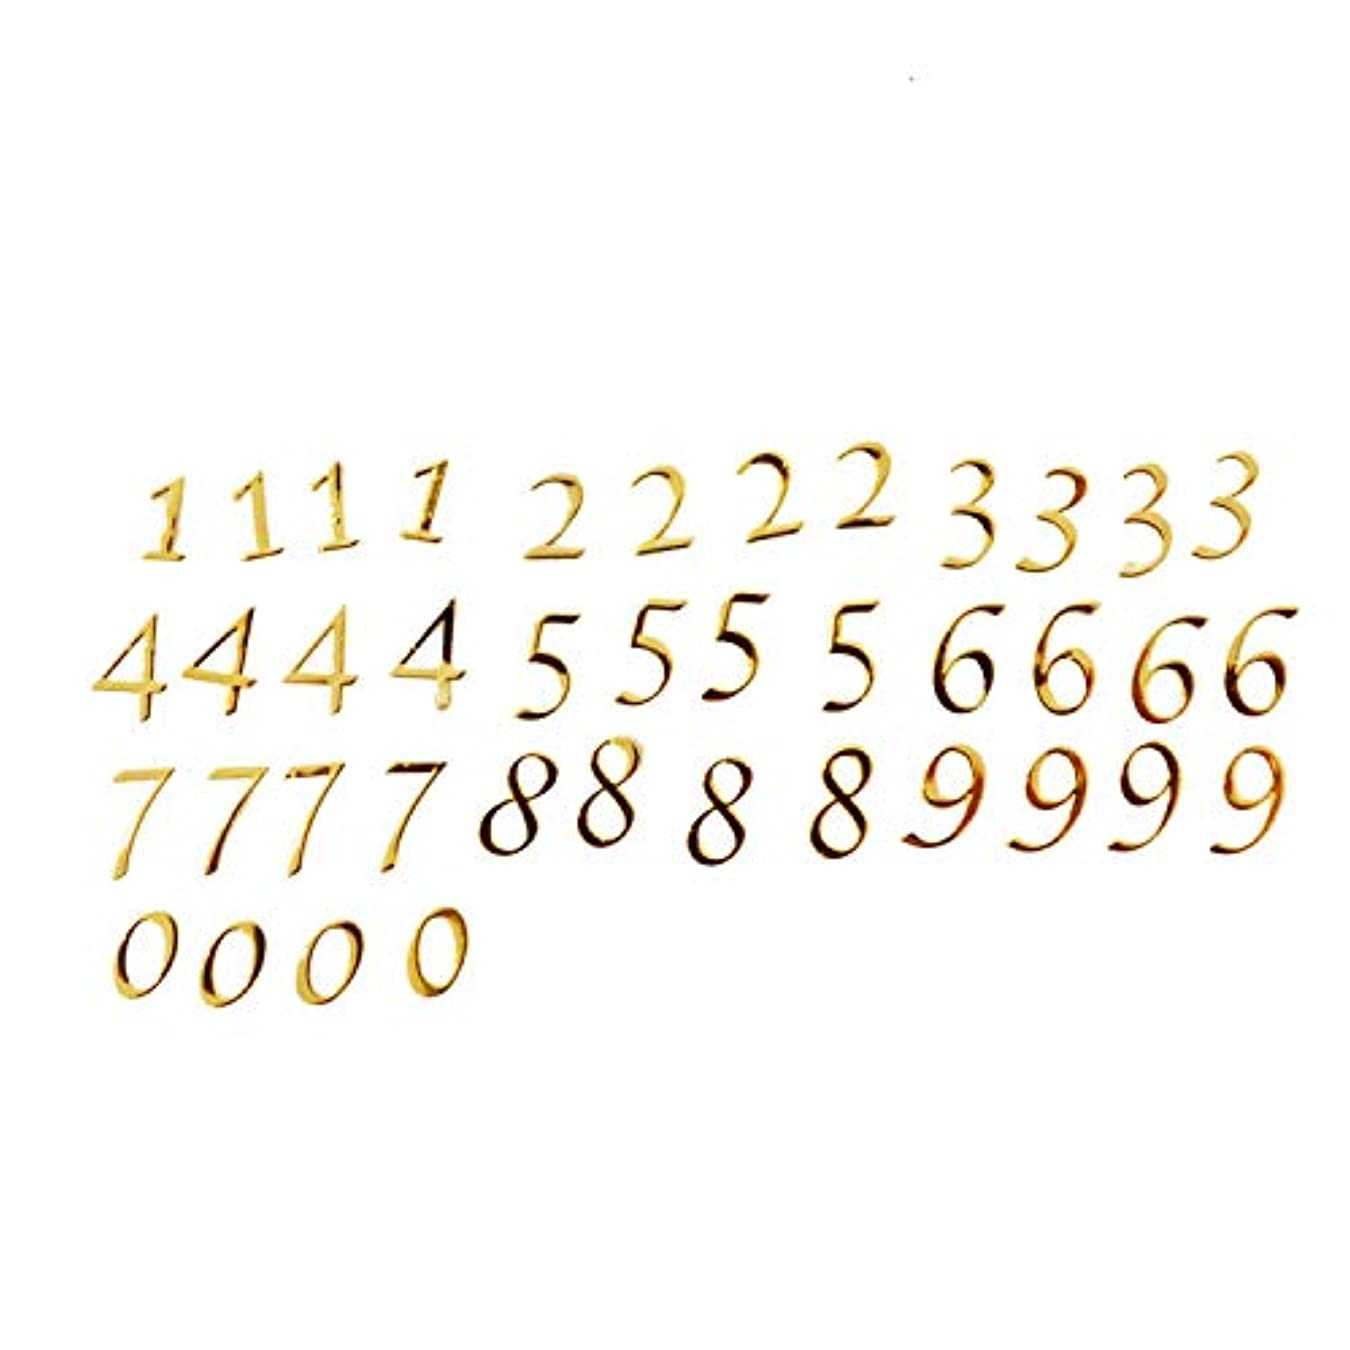 なだめるなかなかスキャン数字のメタルパーツ0から9まで4枚ずつ、合計40枚セット